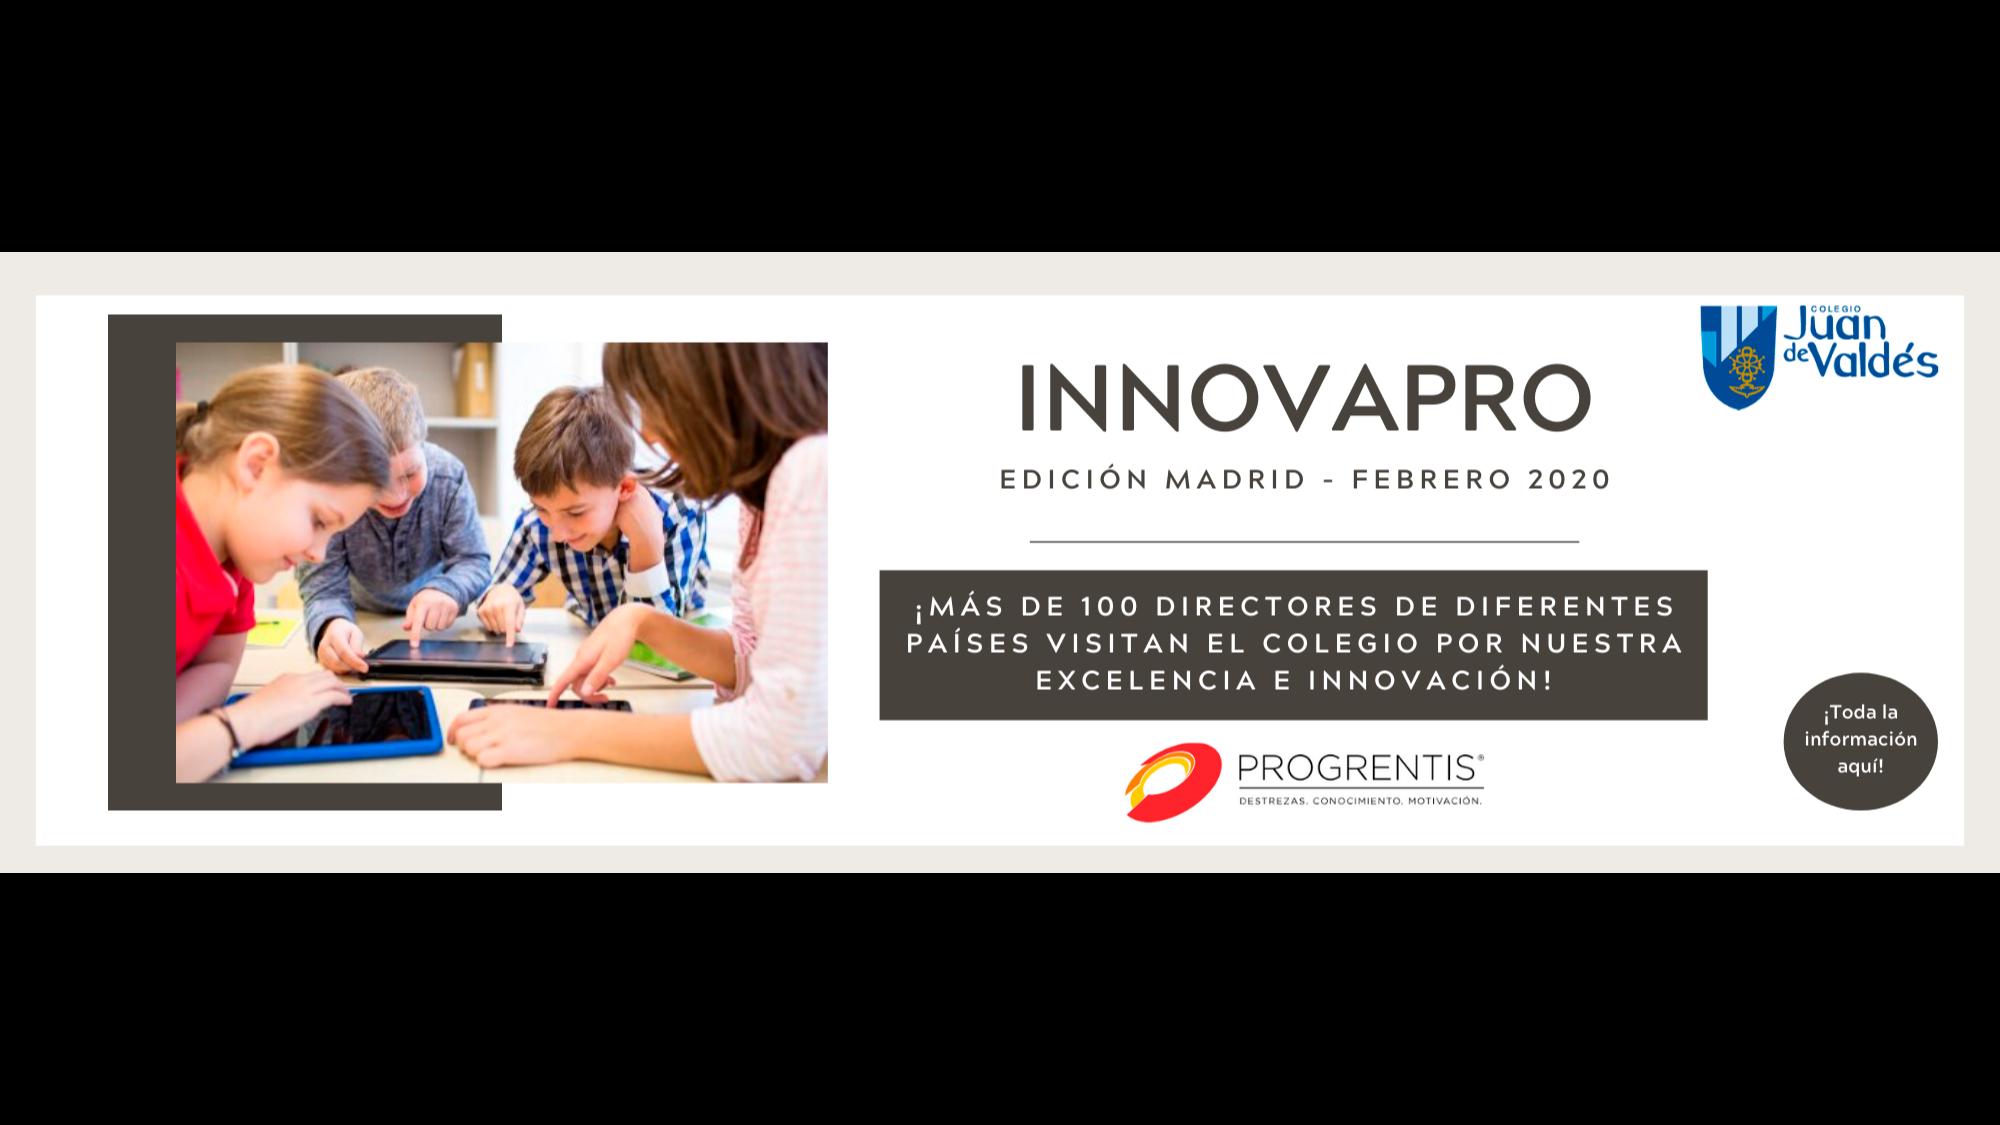 Progrentis: el Colegio Juan de Valdés en el primer innovaPRO del 2020